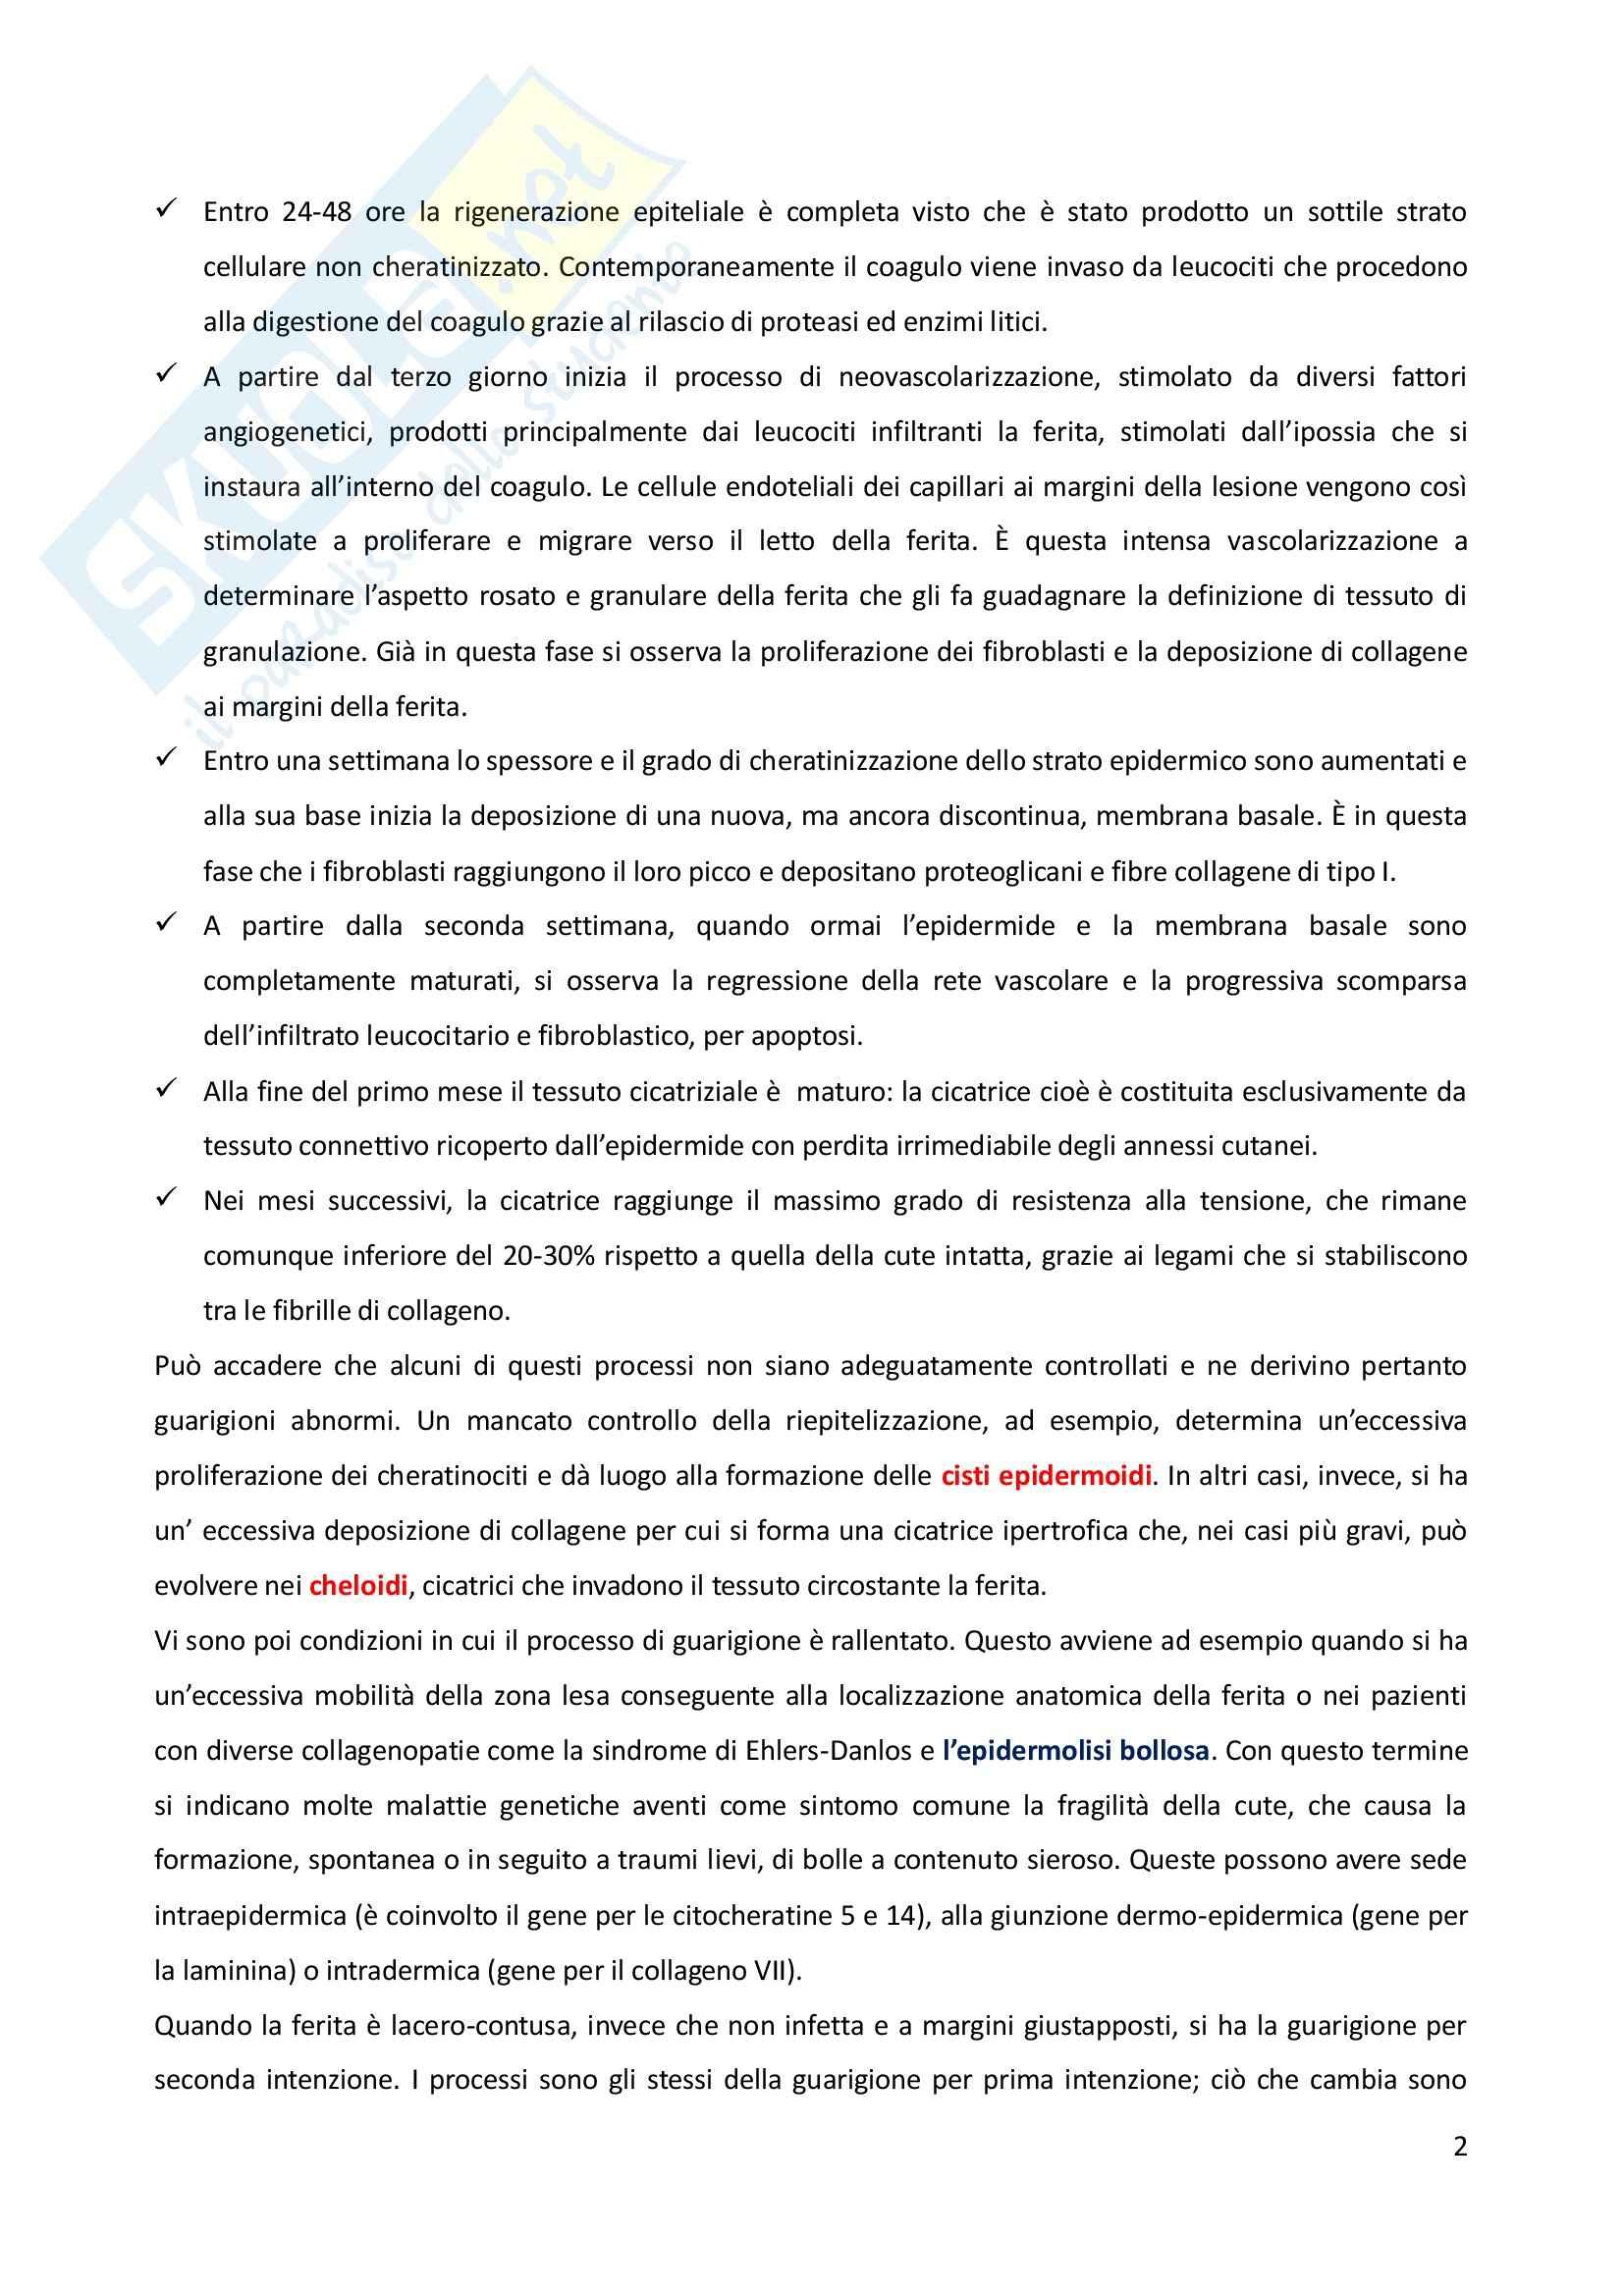 Biologia e genetica - il processo riparativo Pag. 2